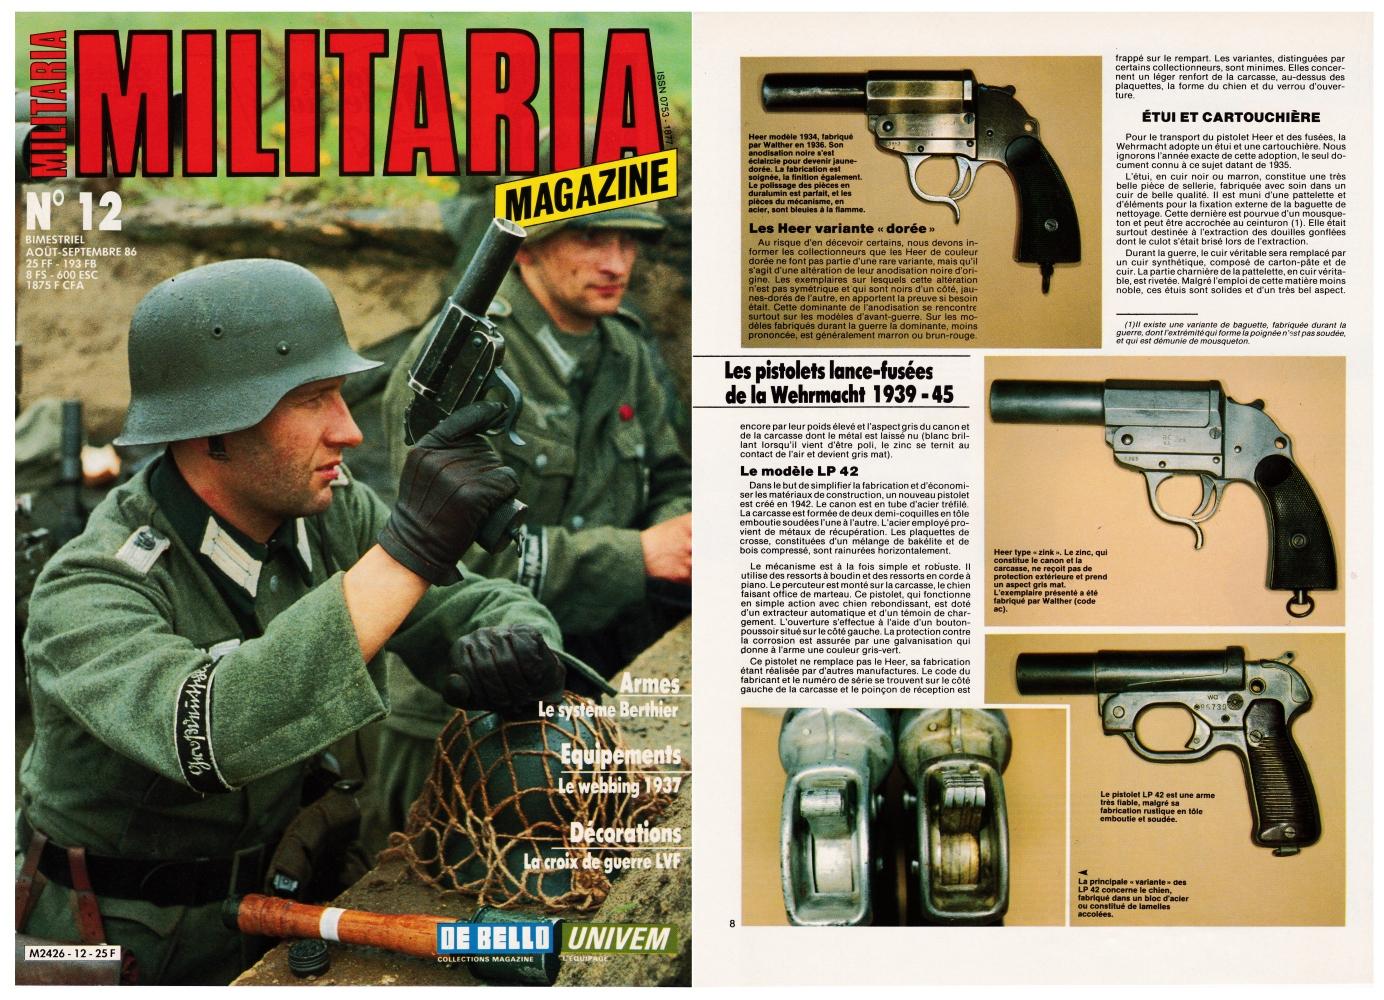 Les pistolets lance-fusées de la Wehrmacht ont fait l'objet d'une publication sur 6 pages dans le magazine Militaria N°12 (août-septembre 1986).